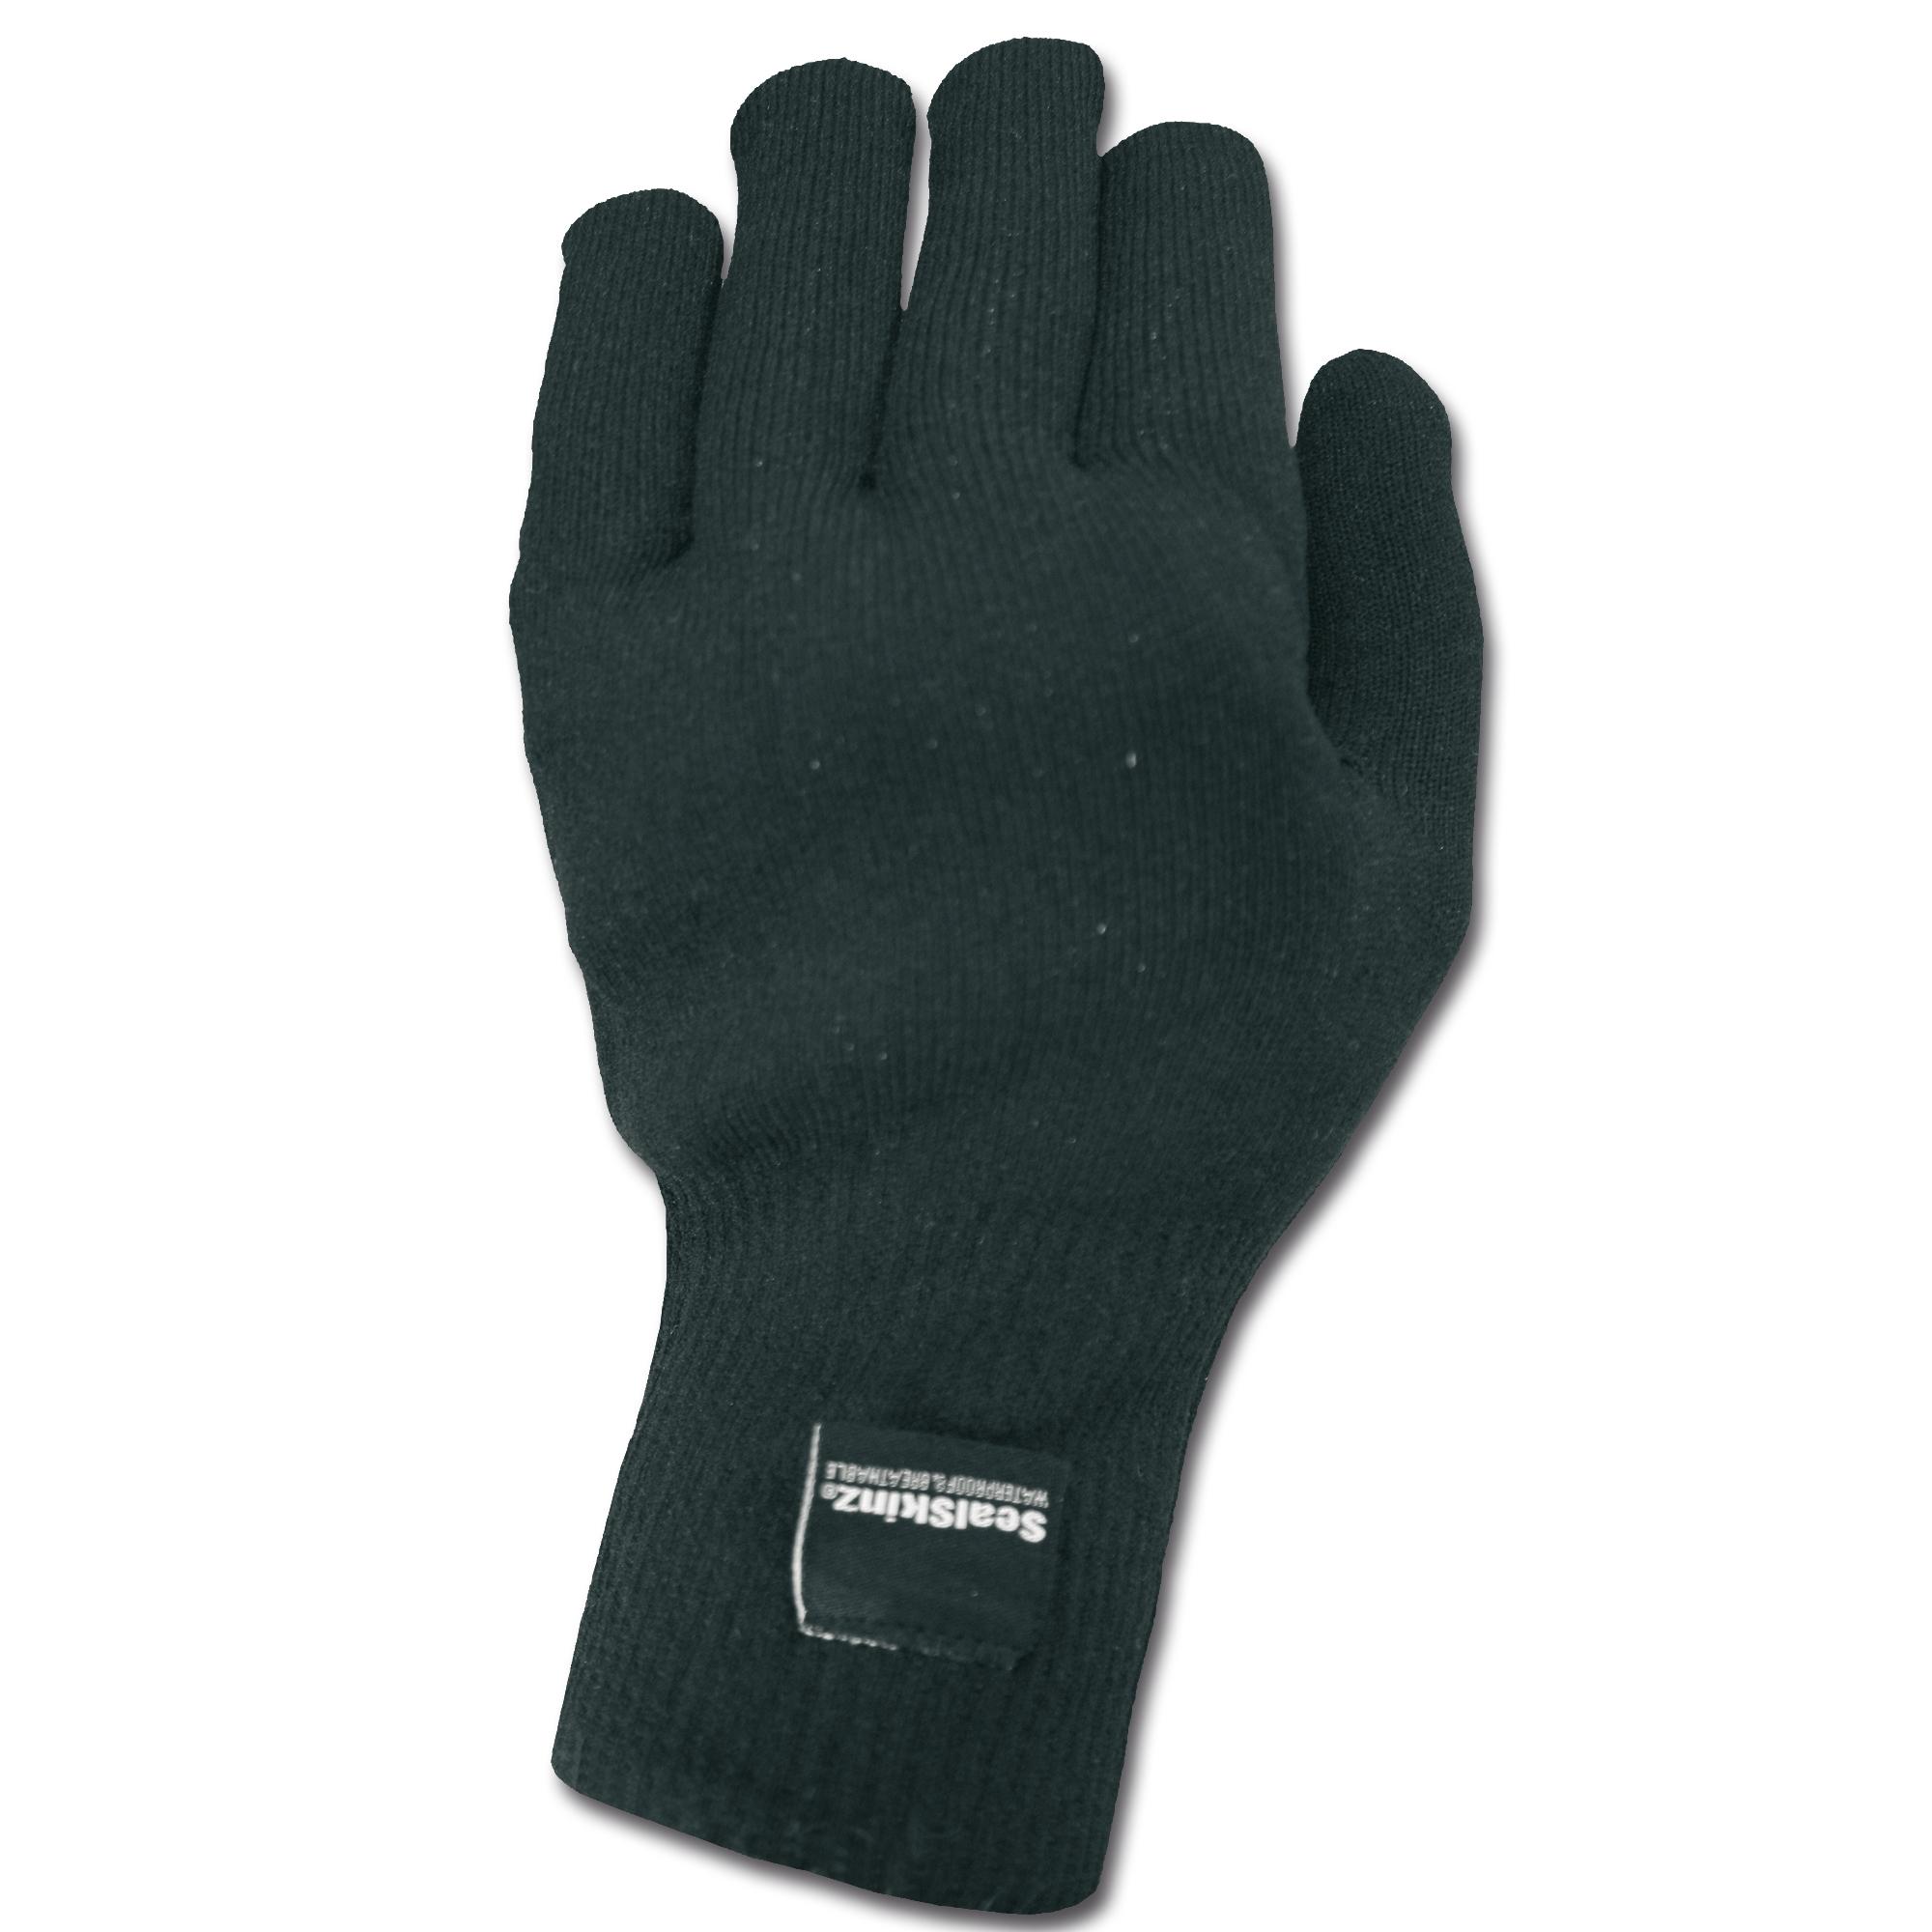 Sealskinz Ultra Grip Gloves Waterproof black